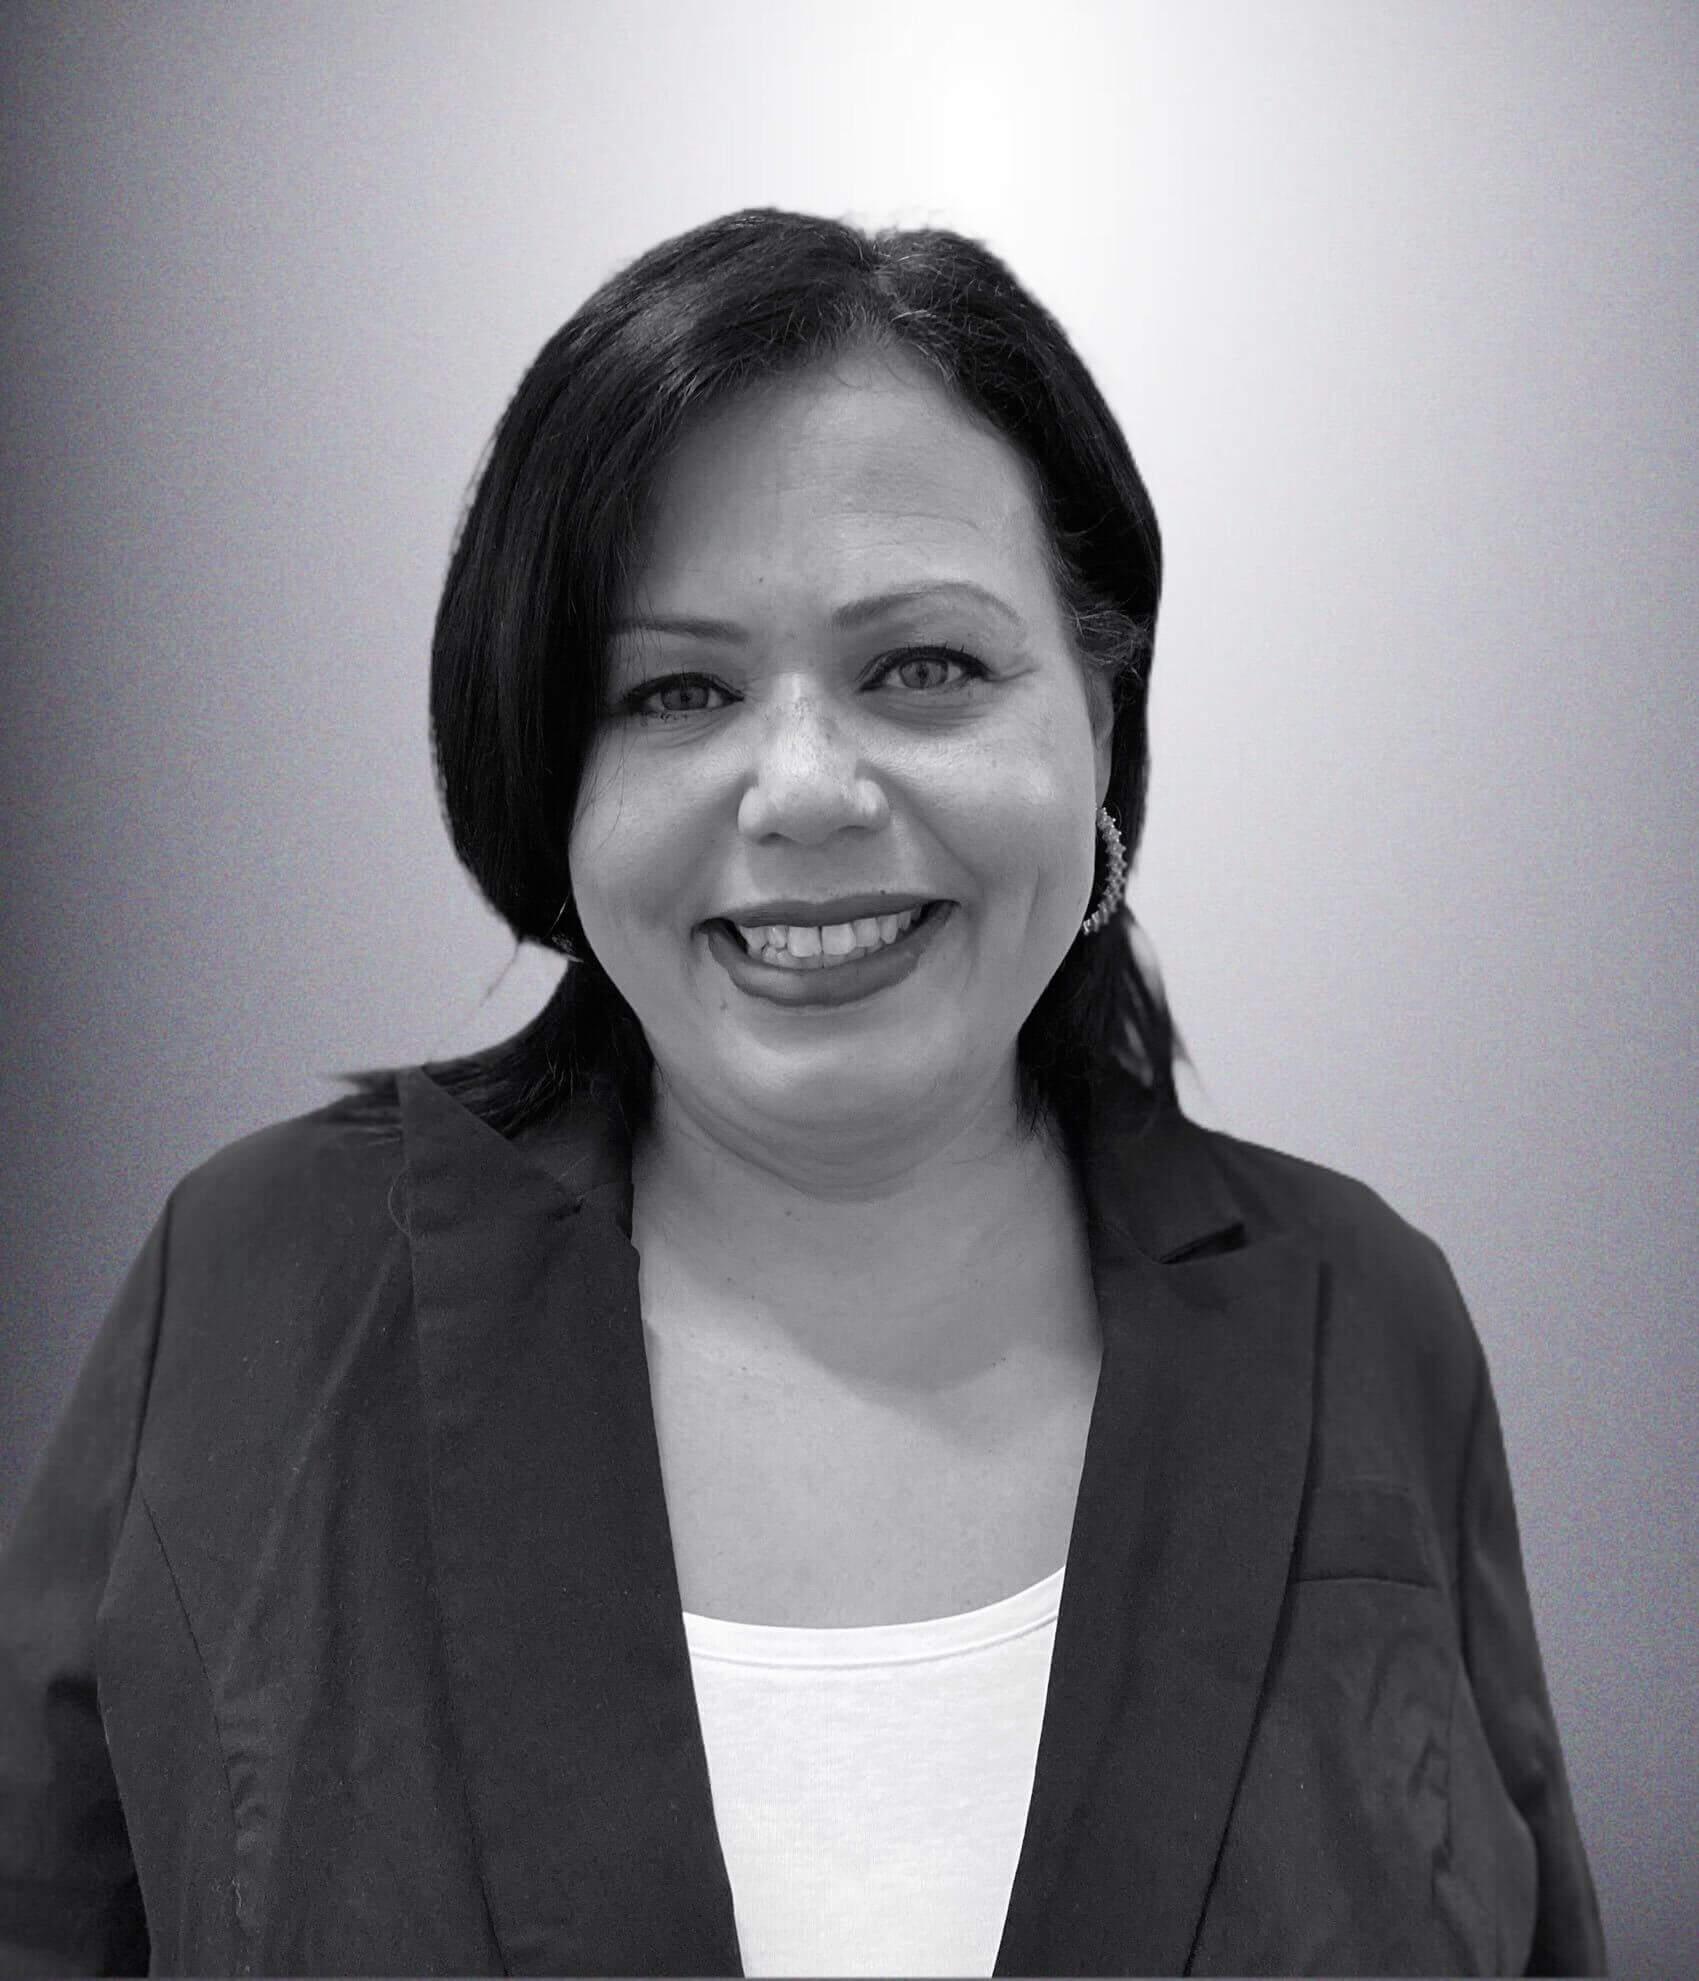 Evelyn Delgado